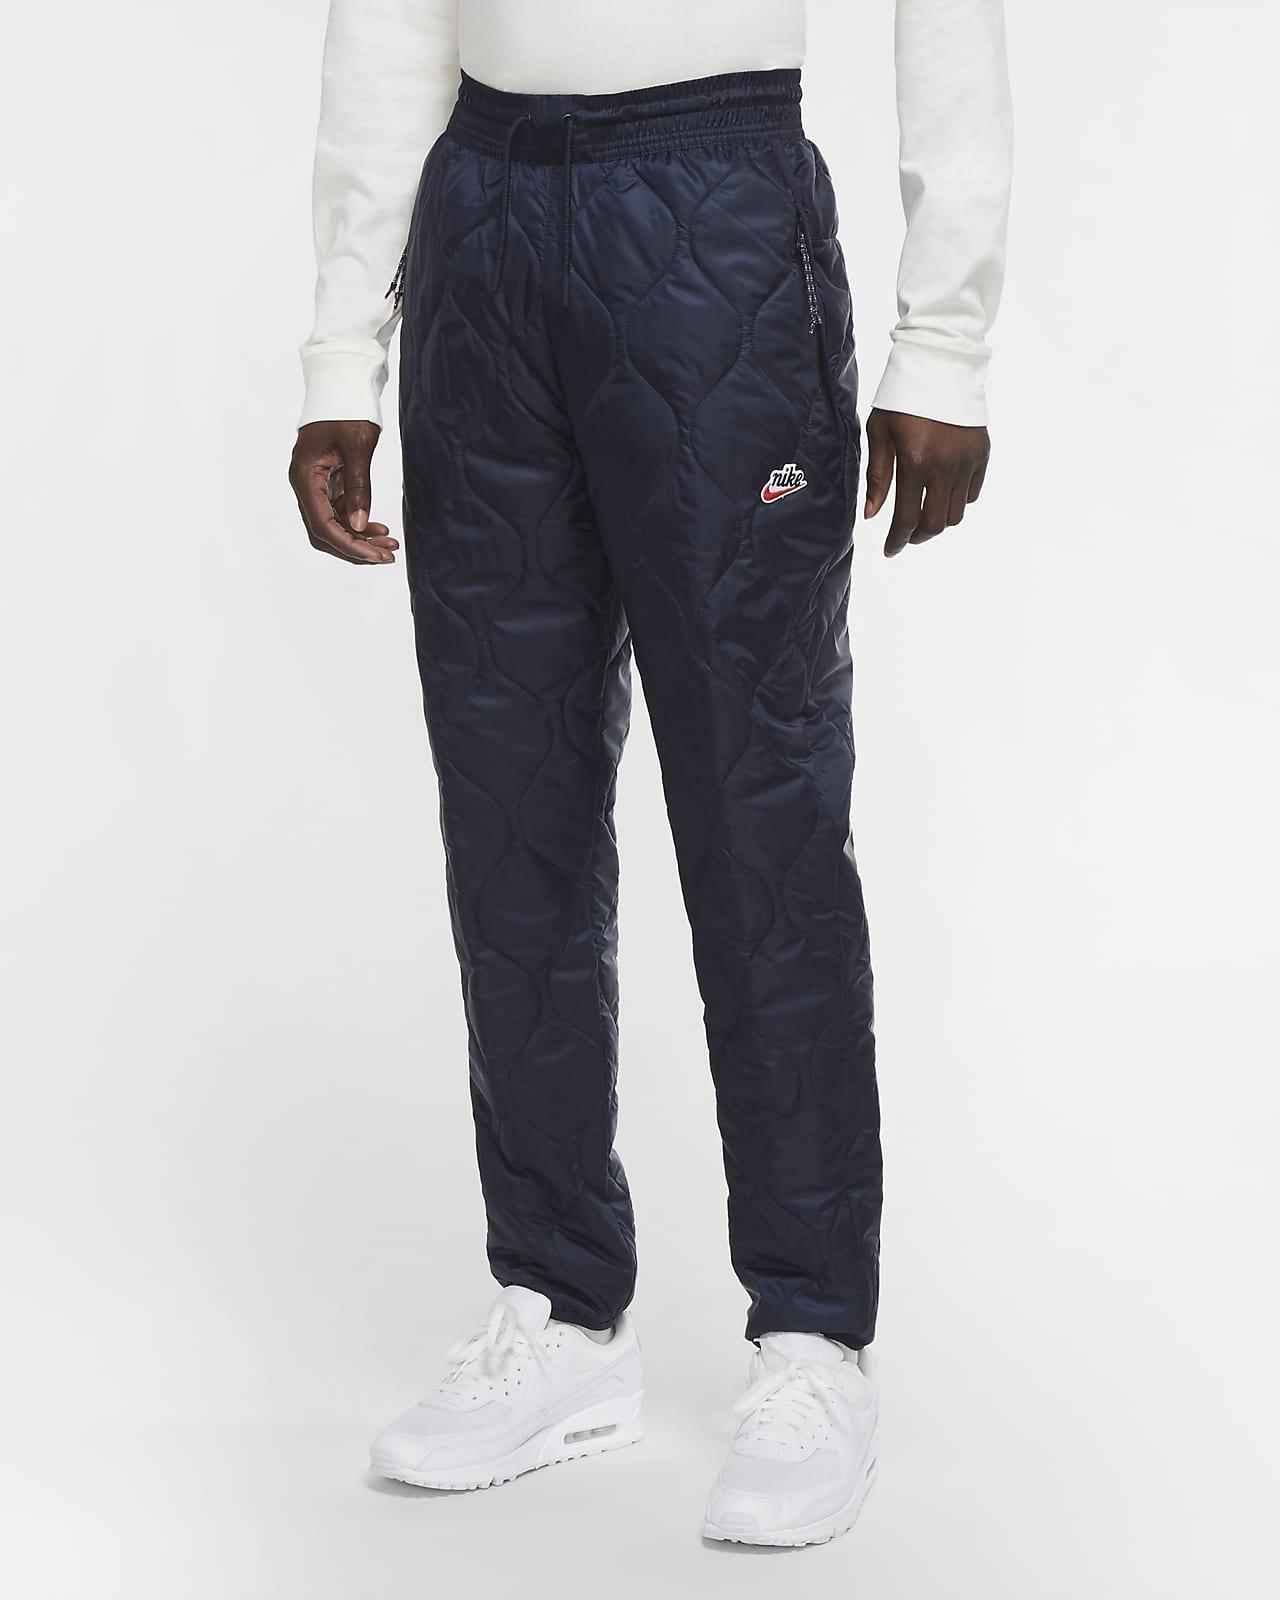 Nike Sportswear Heritage Men's Winterized Trousers